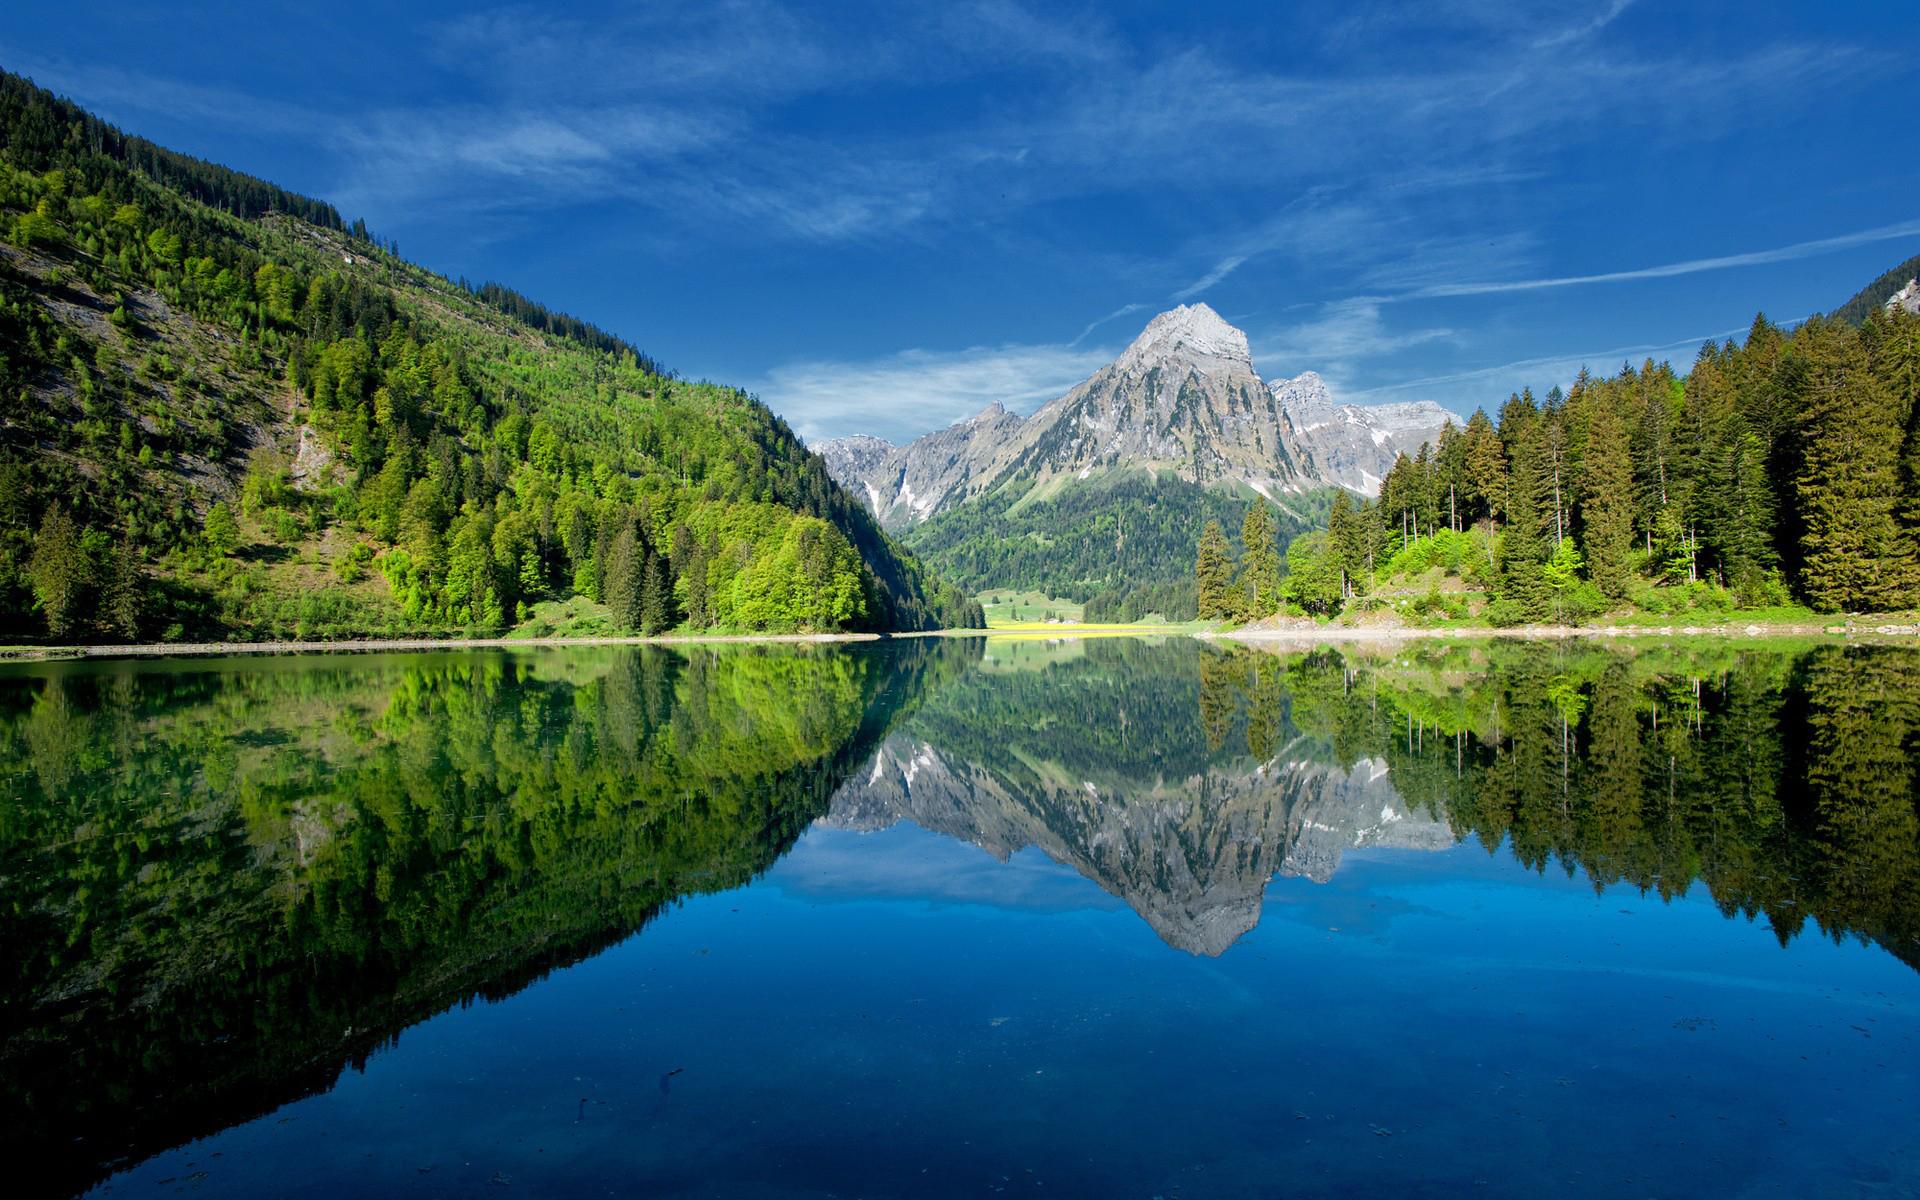 природа горы вода отражение бесплатно